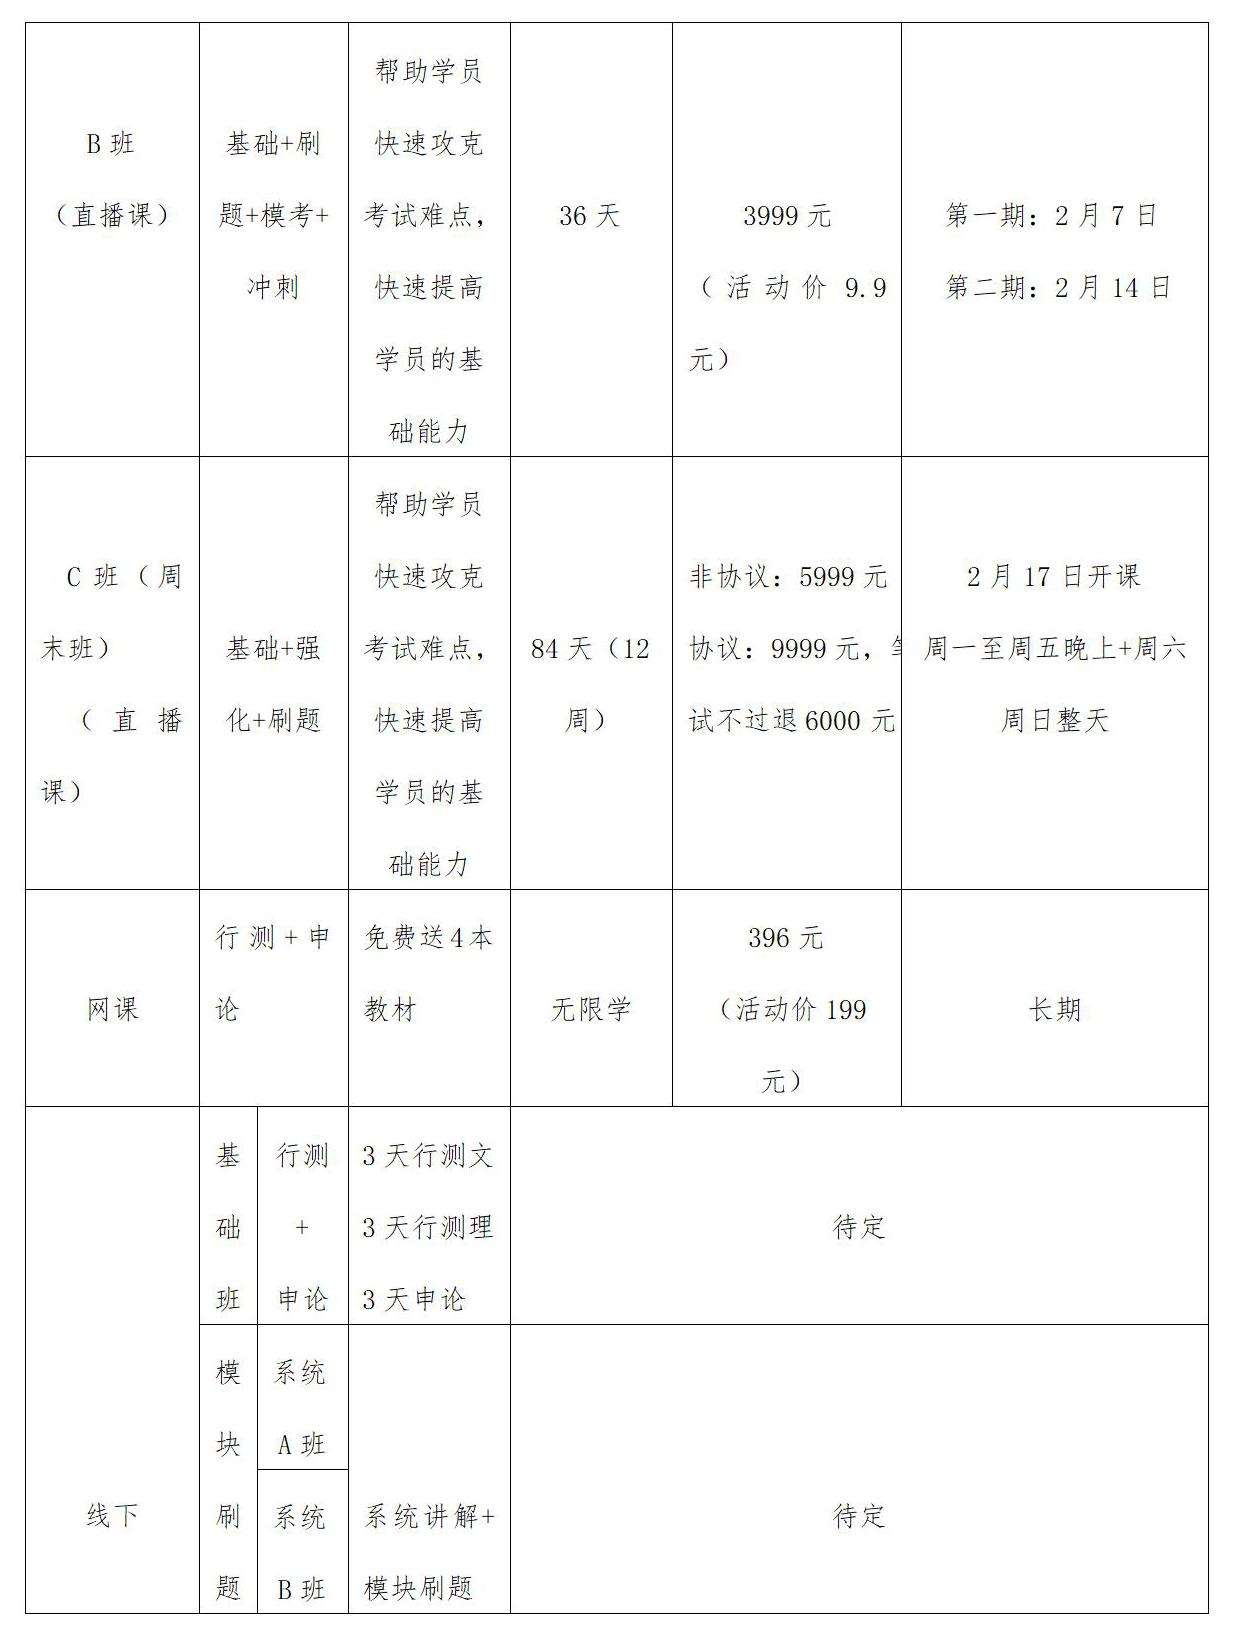 题名教育2020年省考笔试线上直播课程表